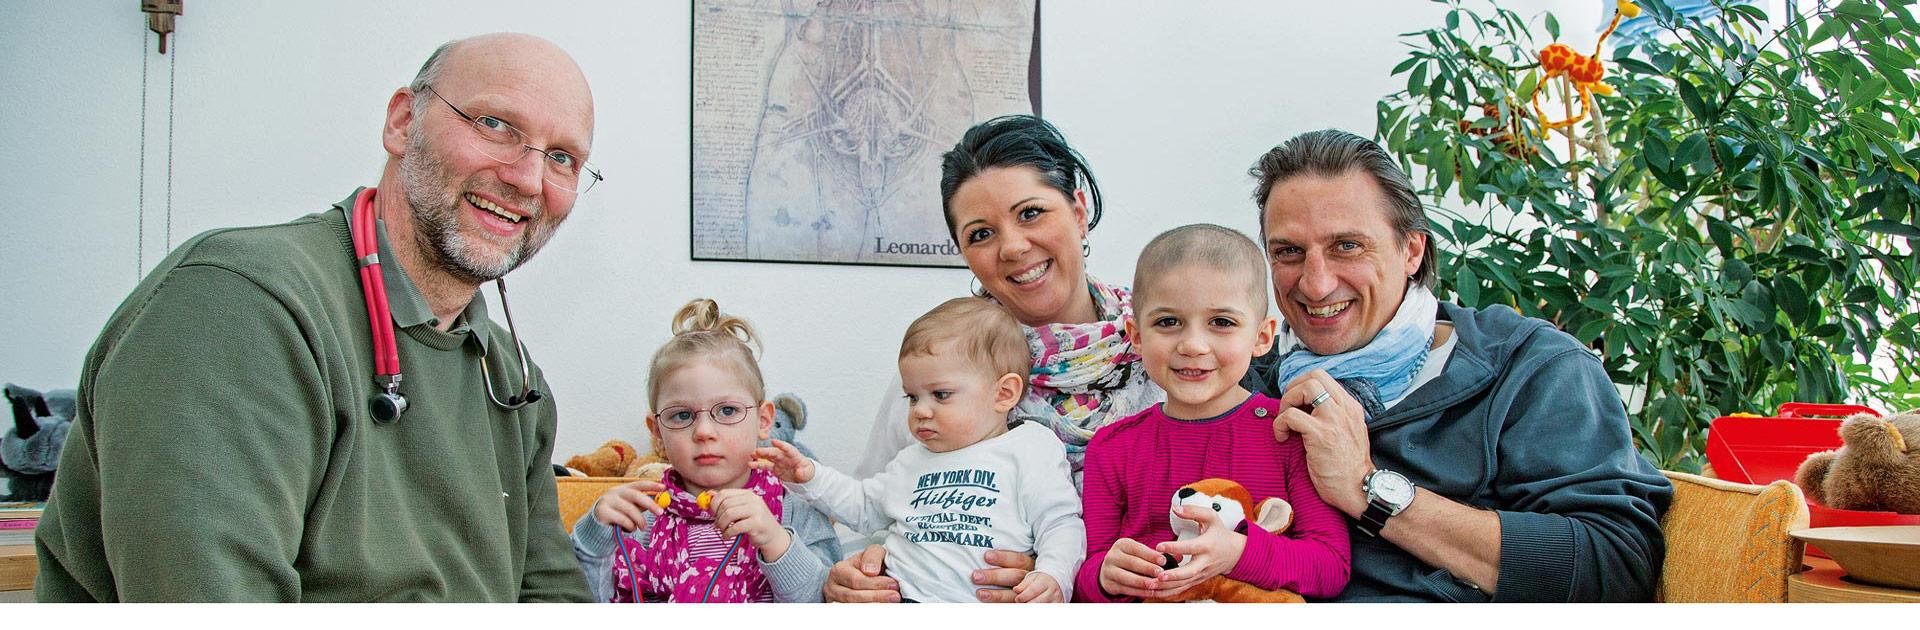 Onkologie Familie